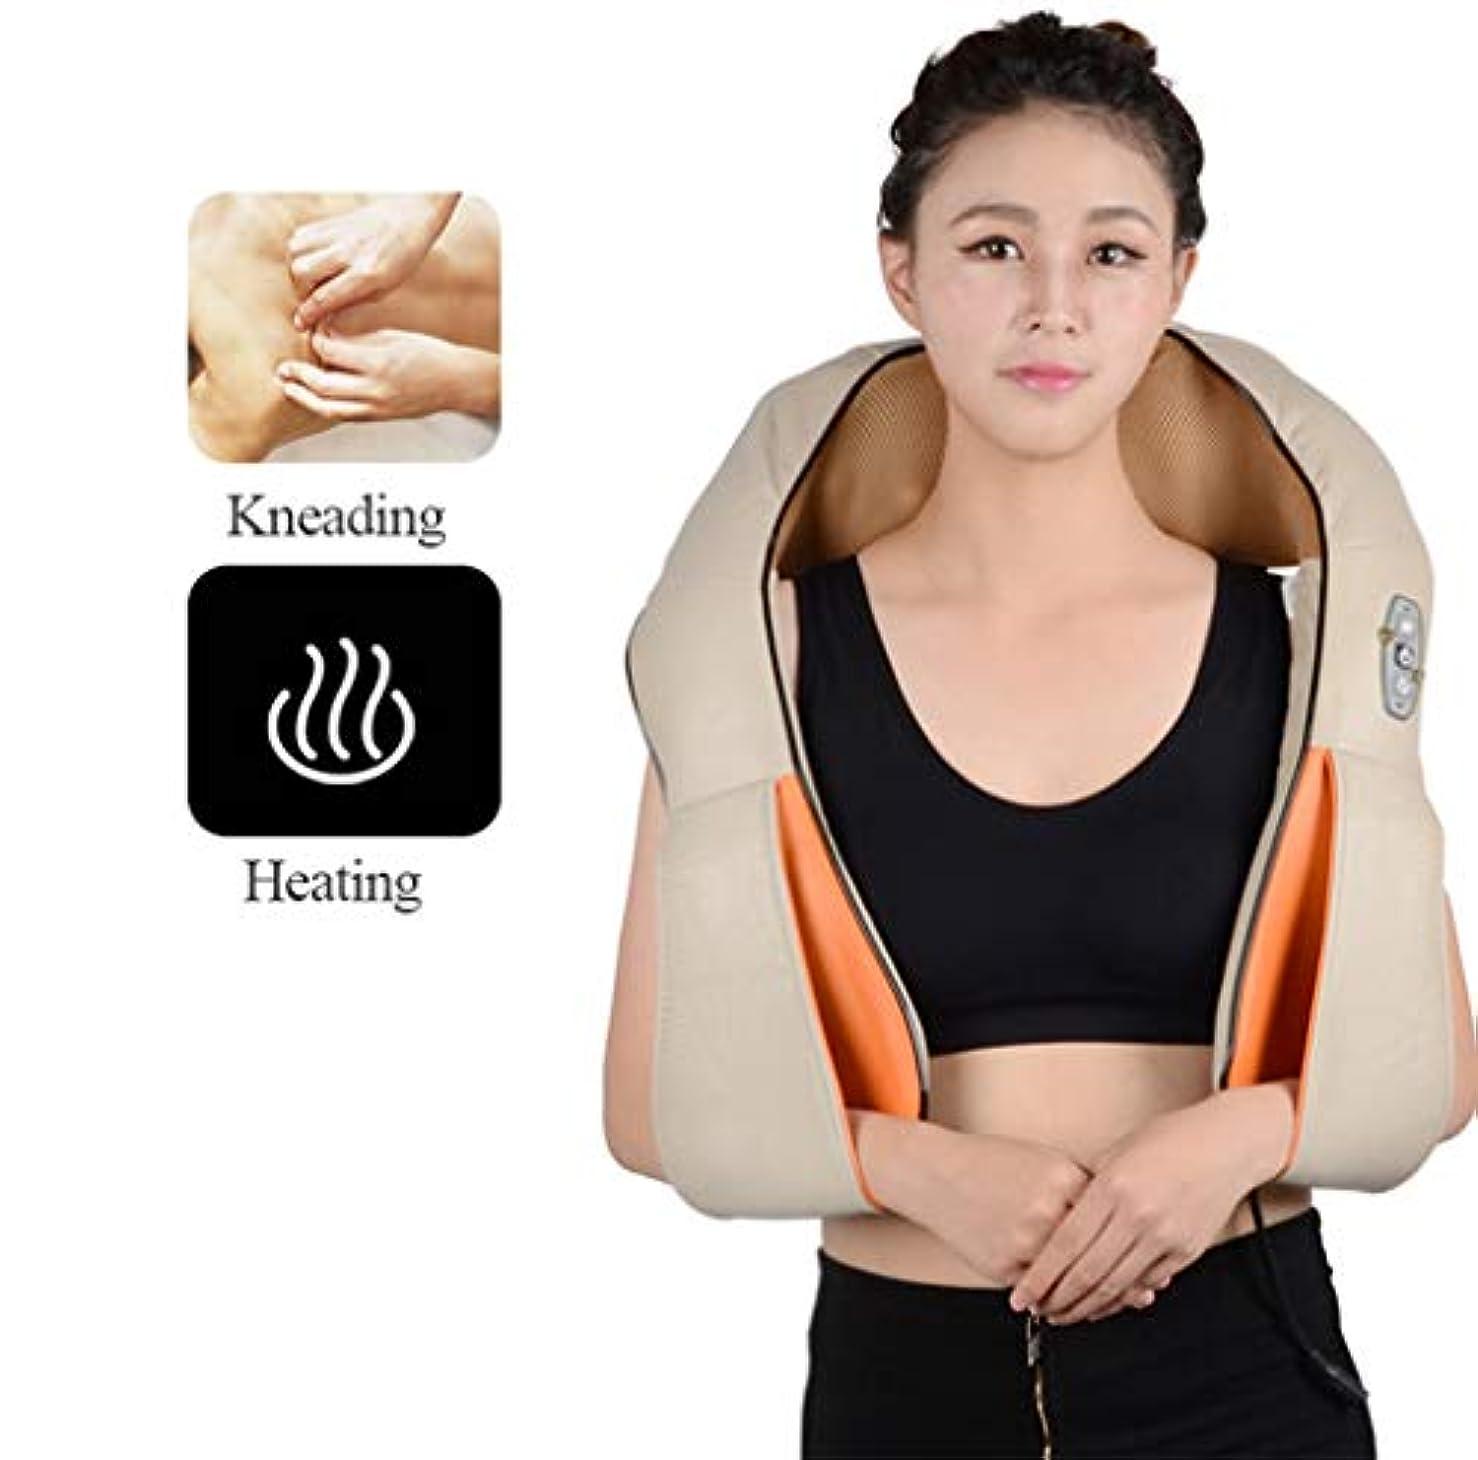 連結する突進占める男性のためのギフトのための熱い - 指圧の首のマッサージャーが付いている首の肩の背中のマッサージャー女性のママのお父さん - 筋肉のための深い混練のマッサージ車のオフィスおよび家のリラックス